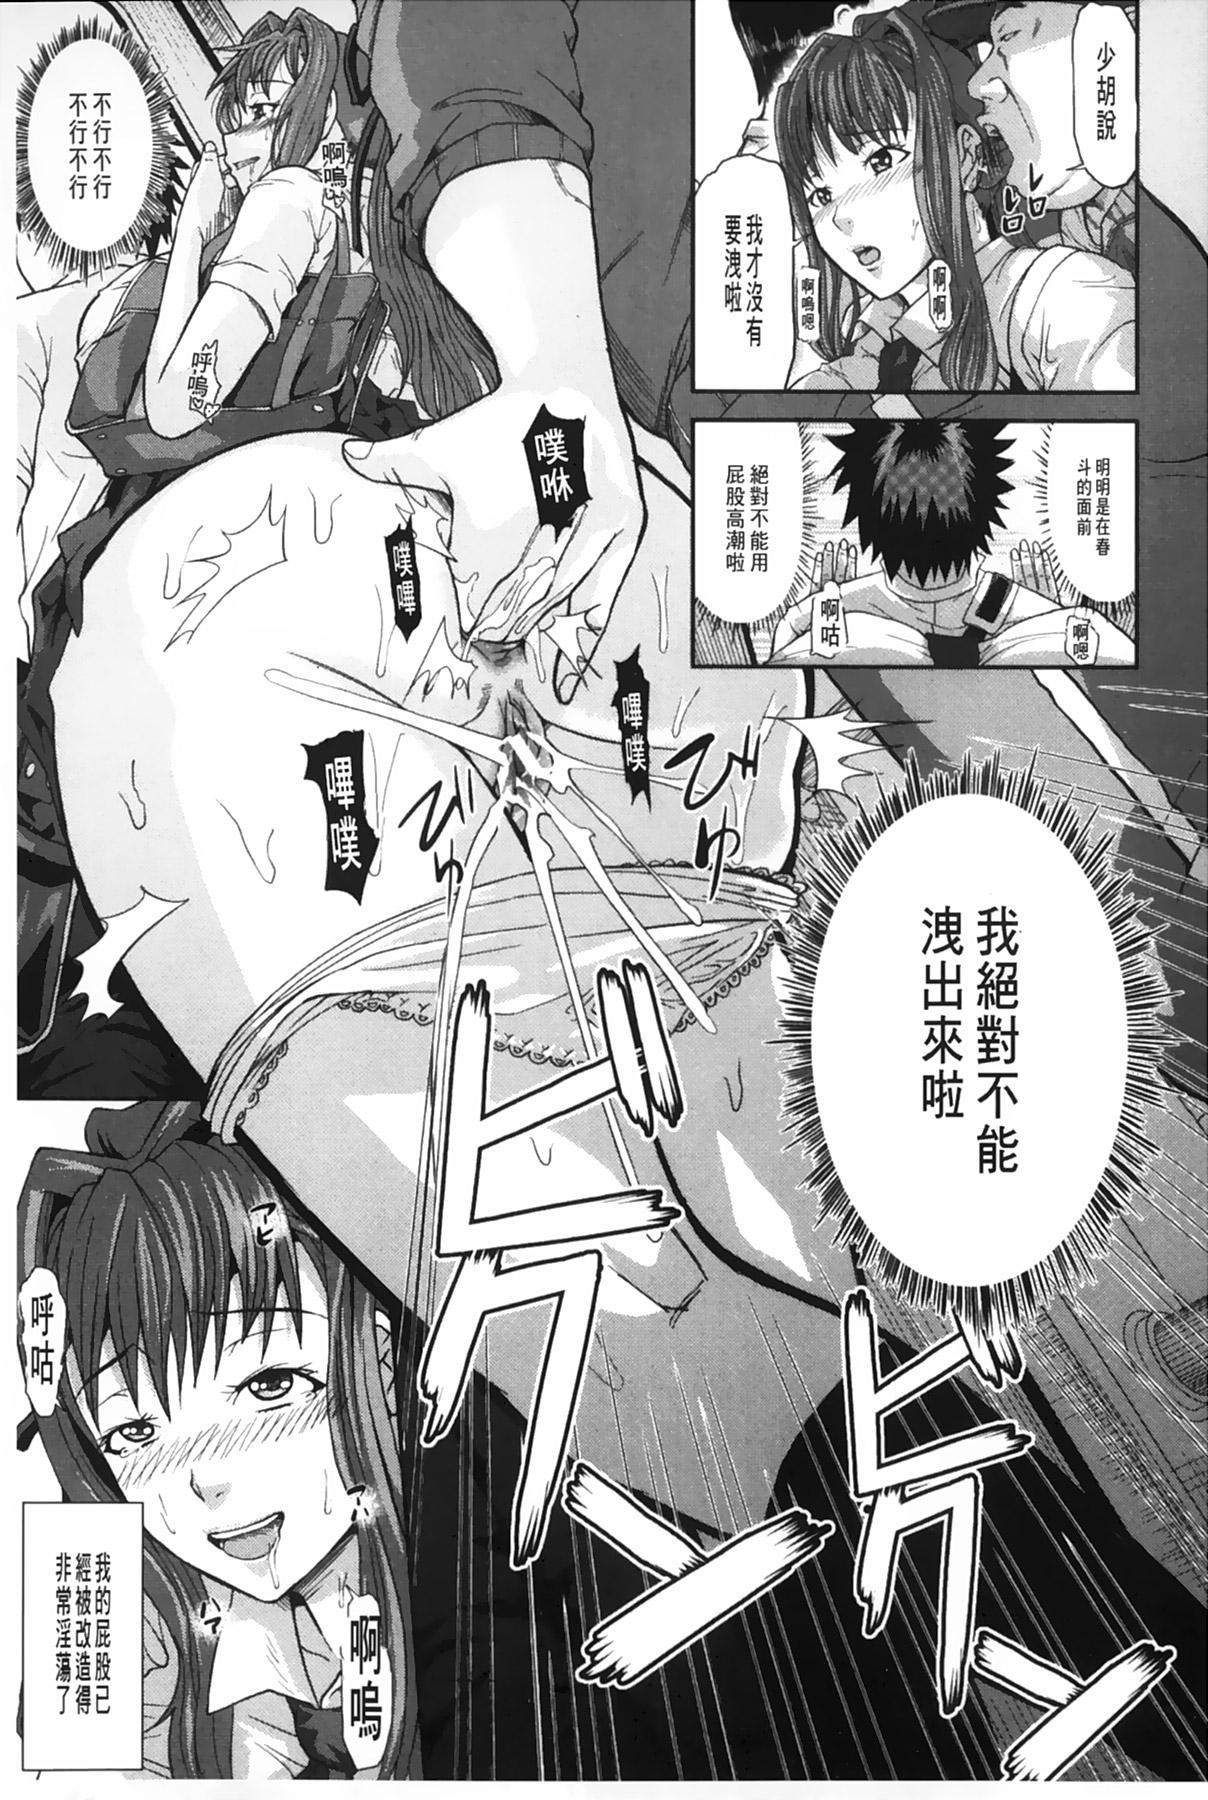 [Honebuto Danshaku] Onna Jigoku Niku no Tsubo~Hentai Rui Inran Ka Mesu Buta Ichidaiki~ | 女地獄、肉之壺 ~変態類淫乱科淫母豬一代記~ [Chinese] 125